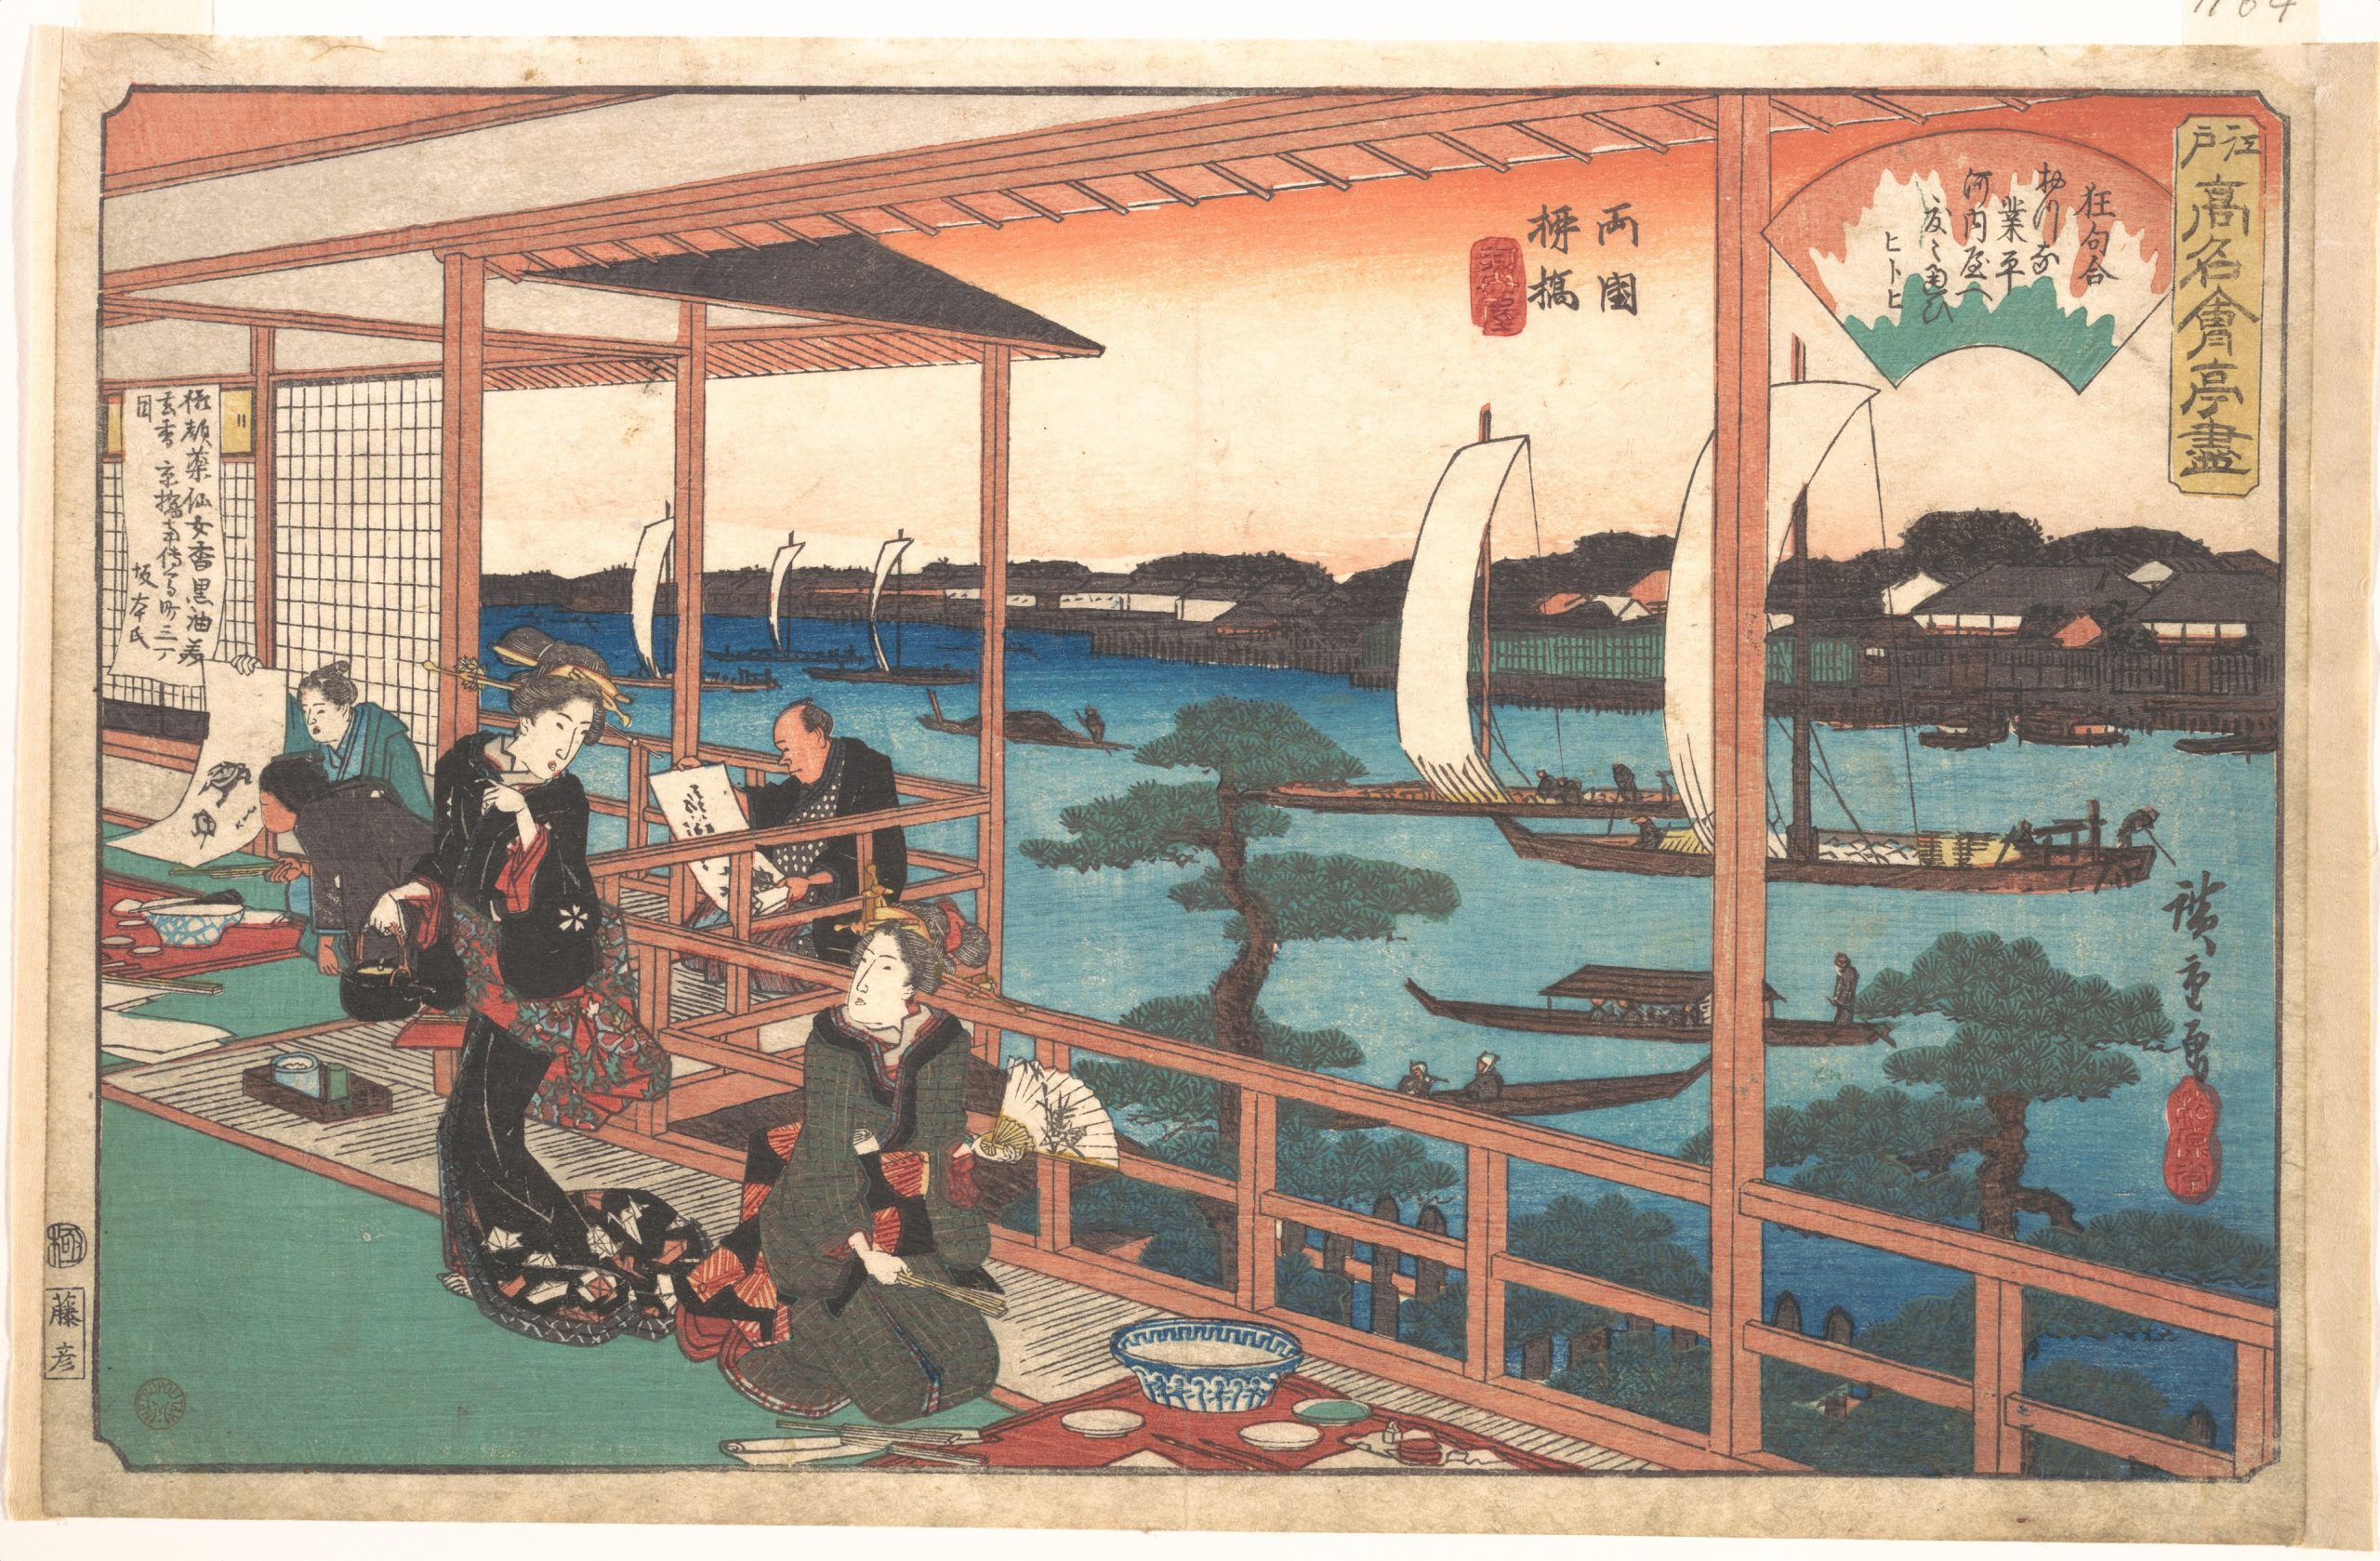 A história do Japão contada pelo Ukiyo-e